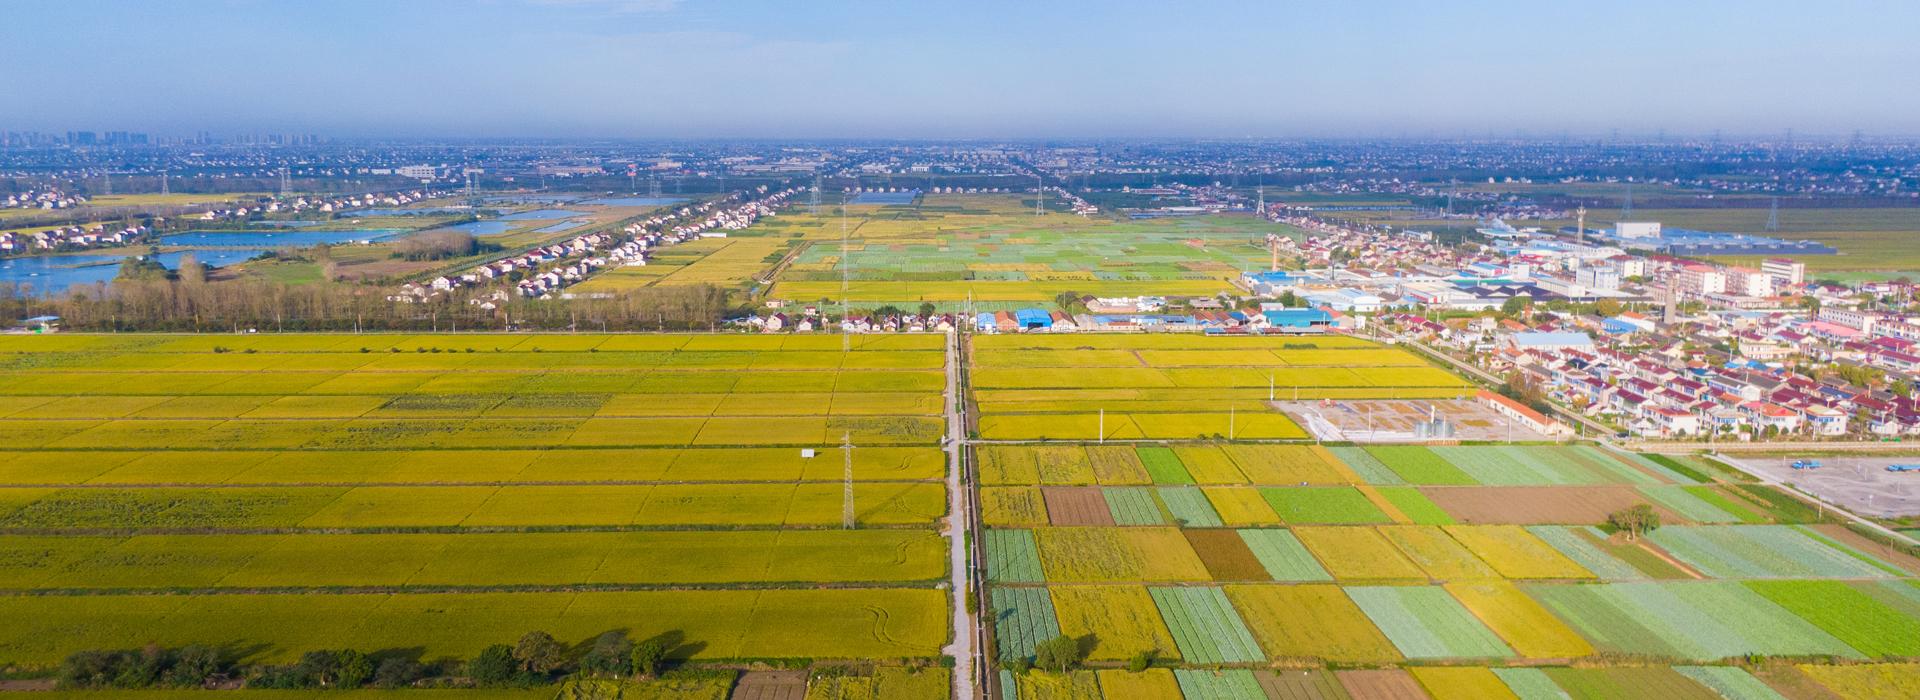 Massive color palette in Hai'an's farmlands